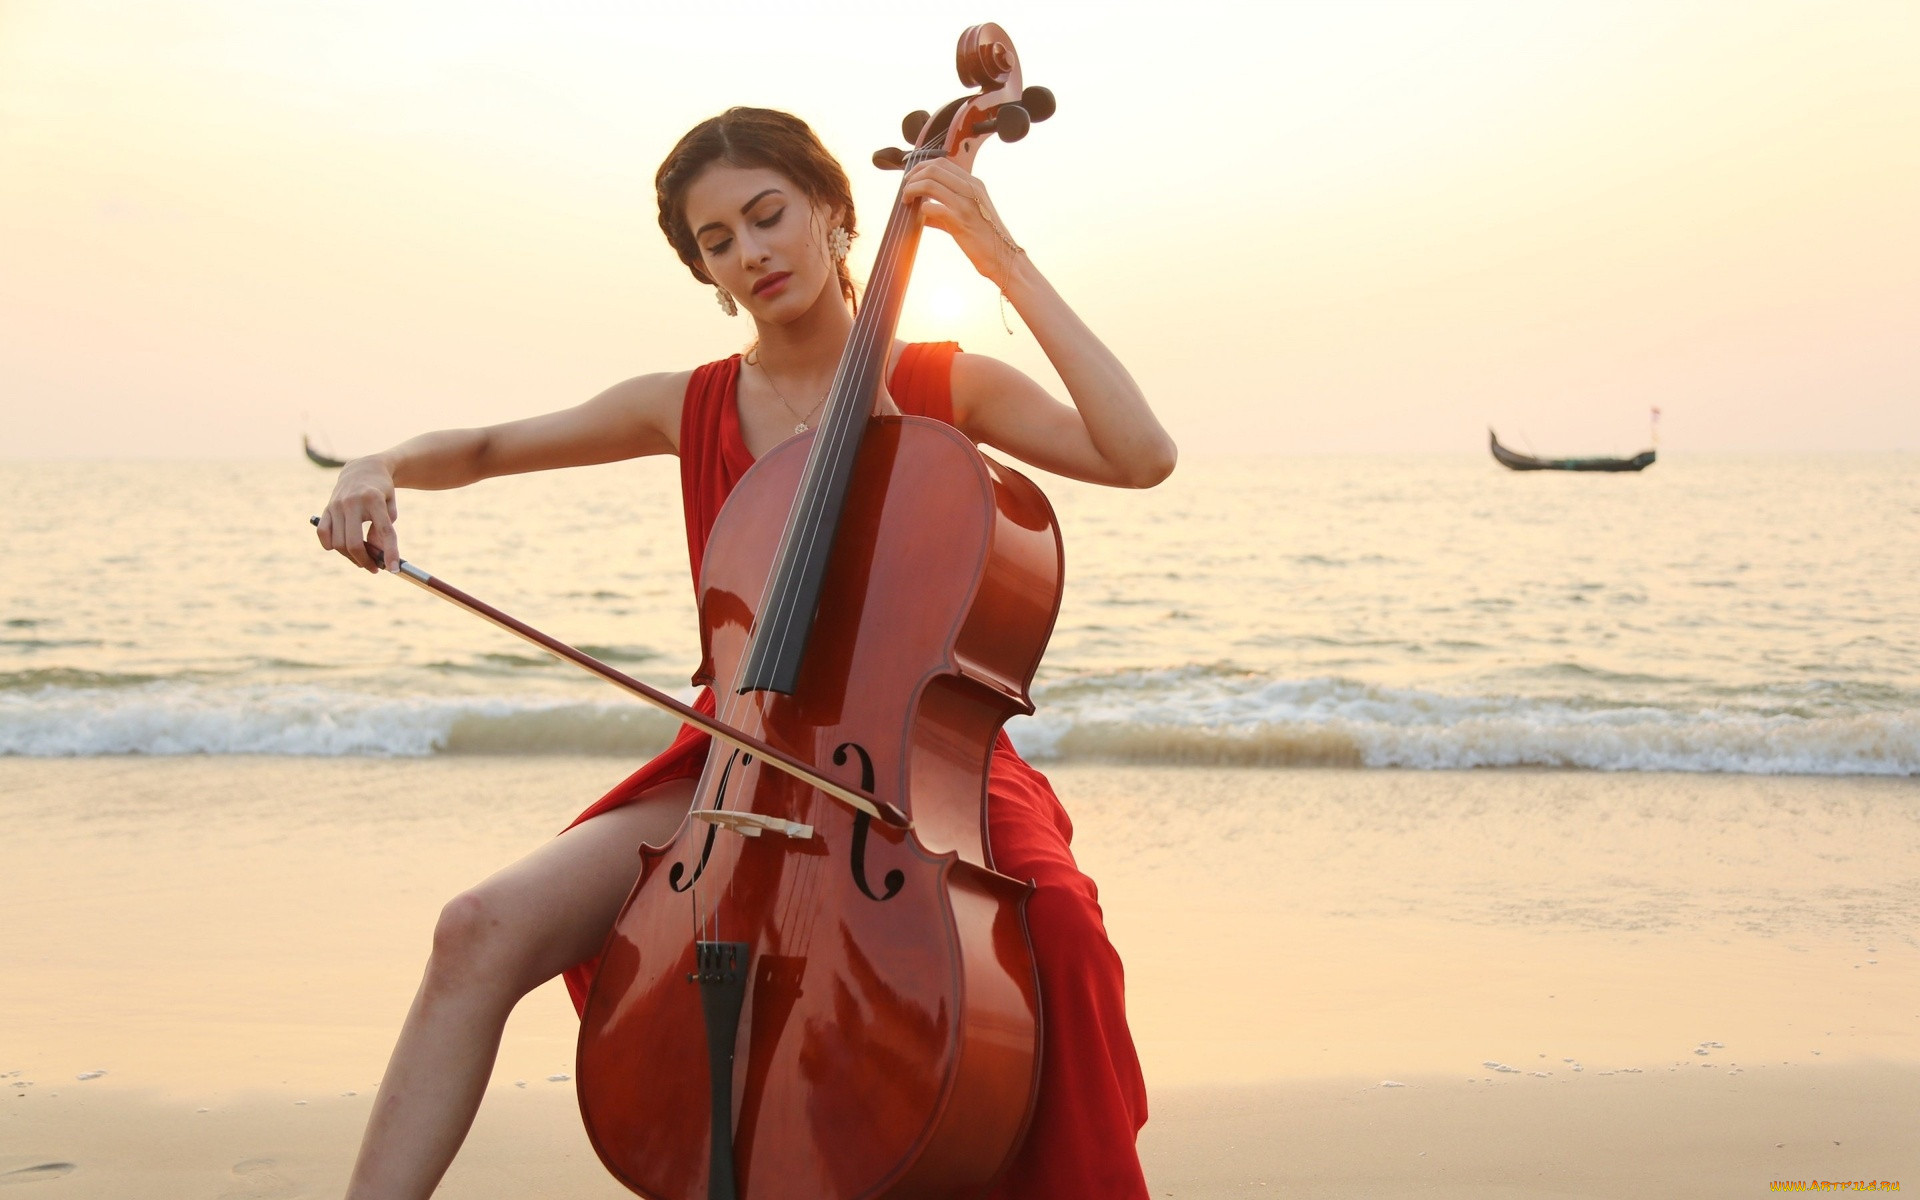 Картинки виолончель и девушка